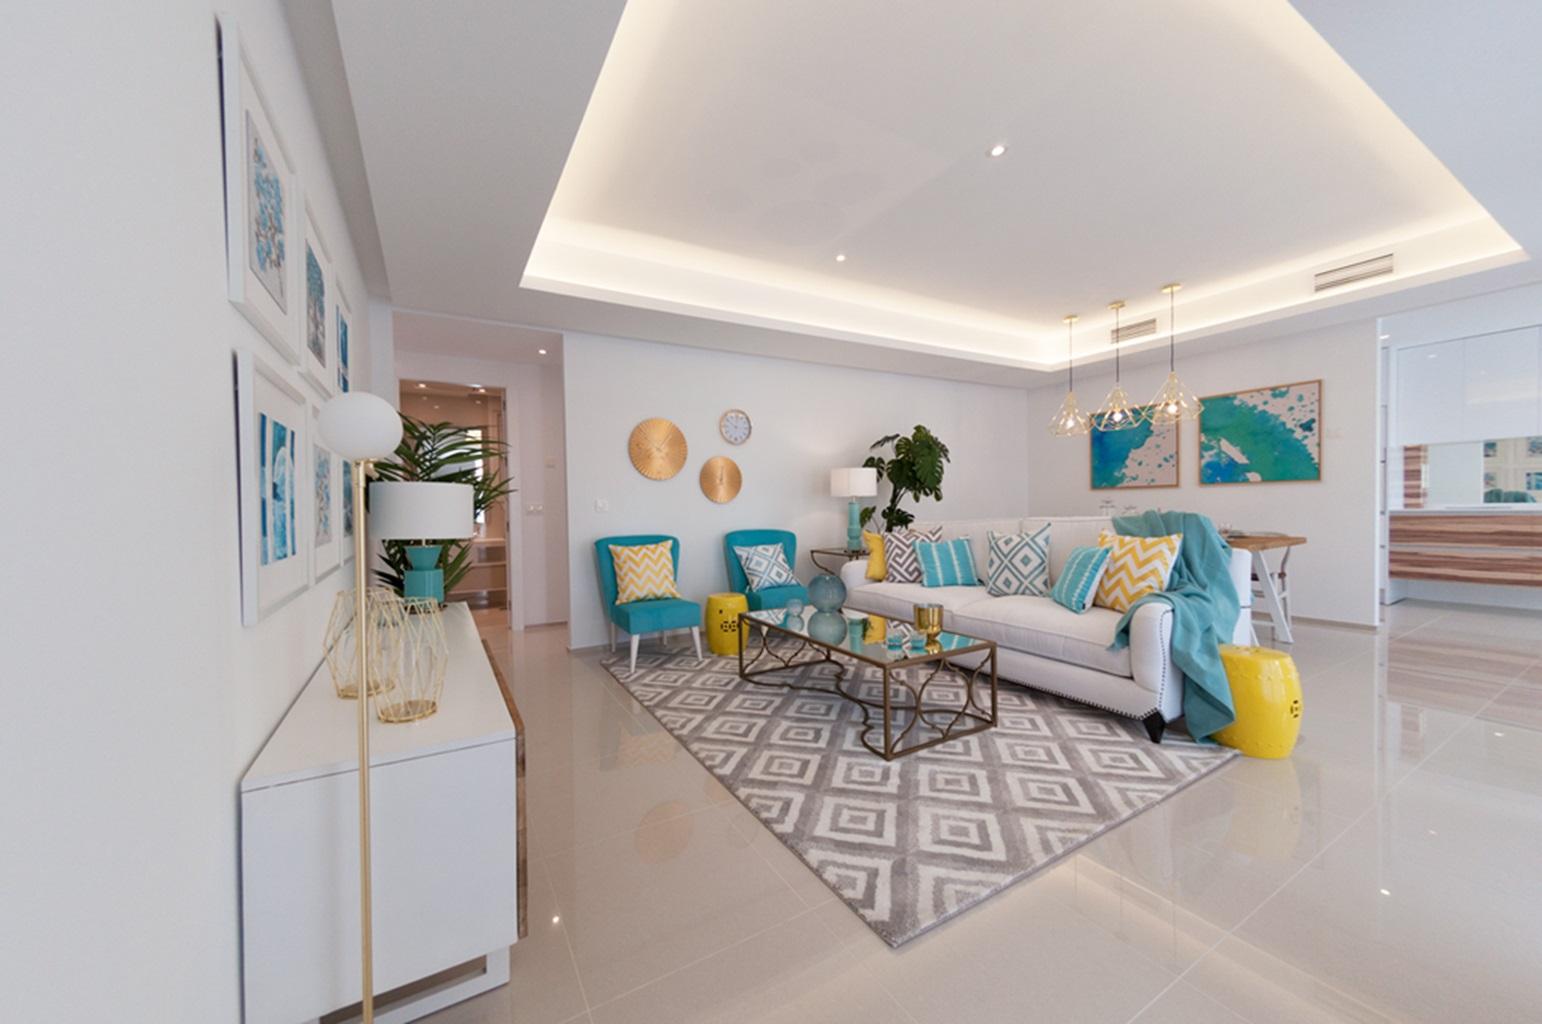 Элитный ремонт квартиры в Москве по дизайн-проекту